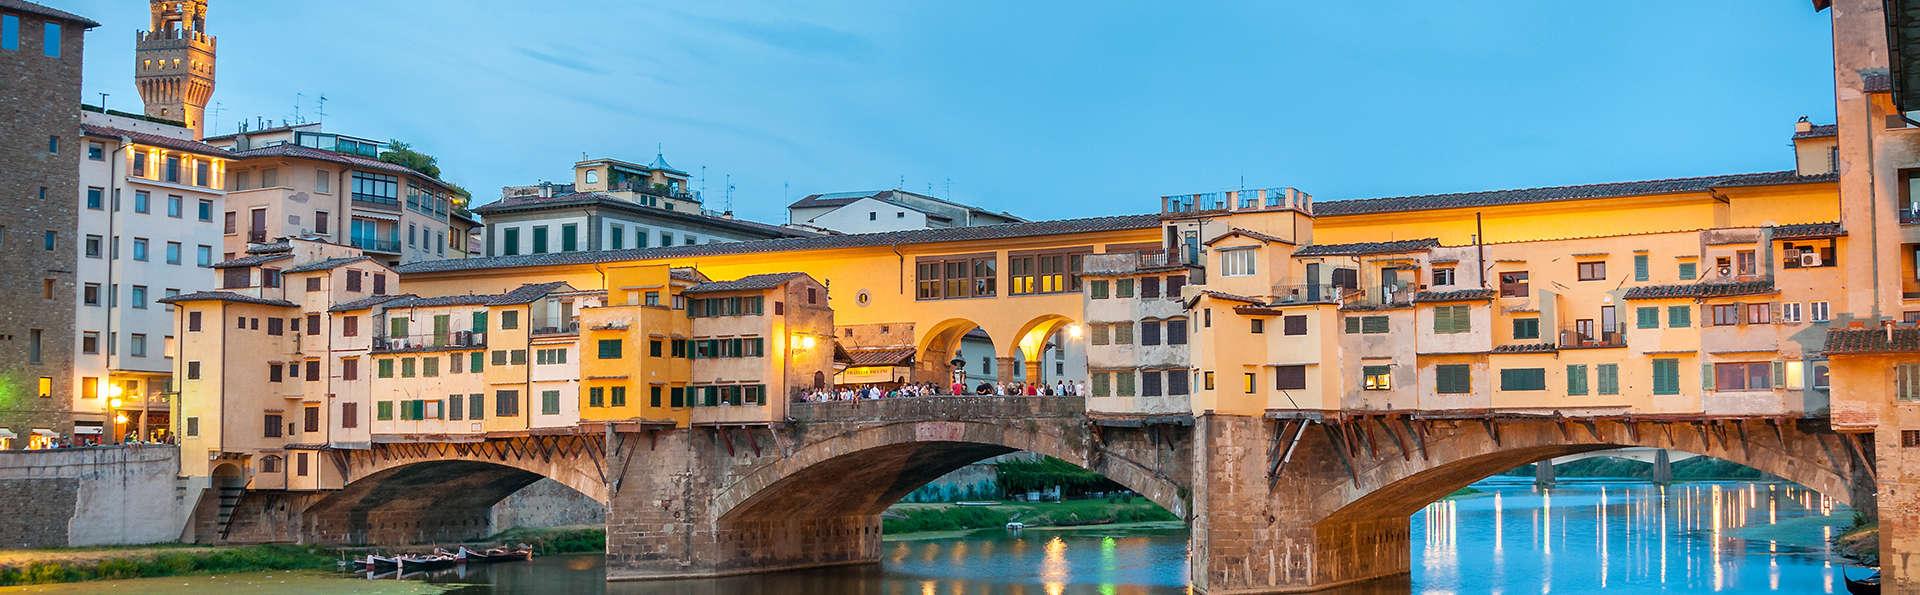 Offre pour un séjour de deux nuits à Florence